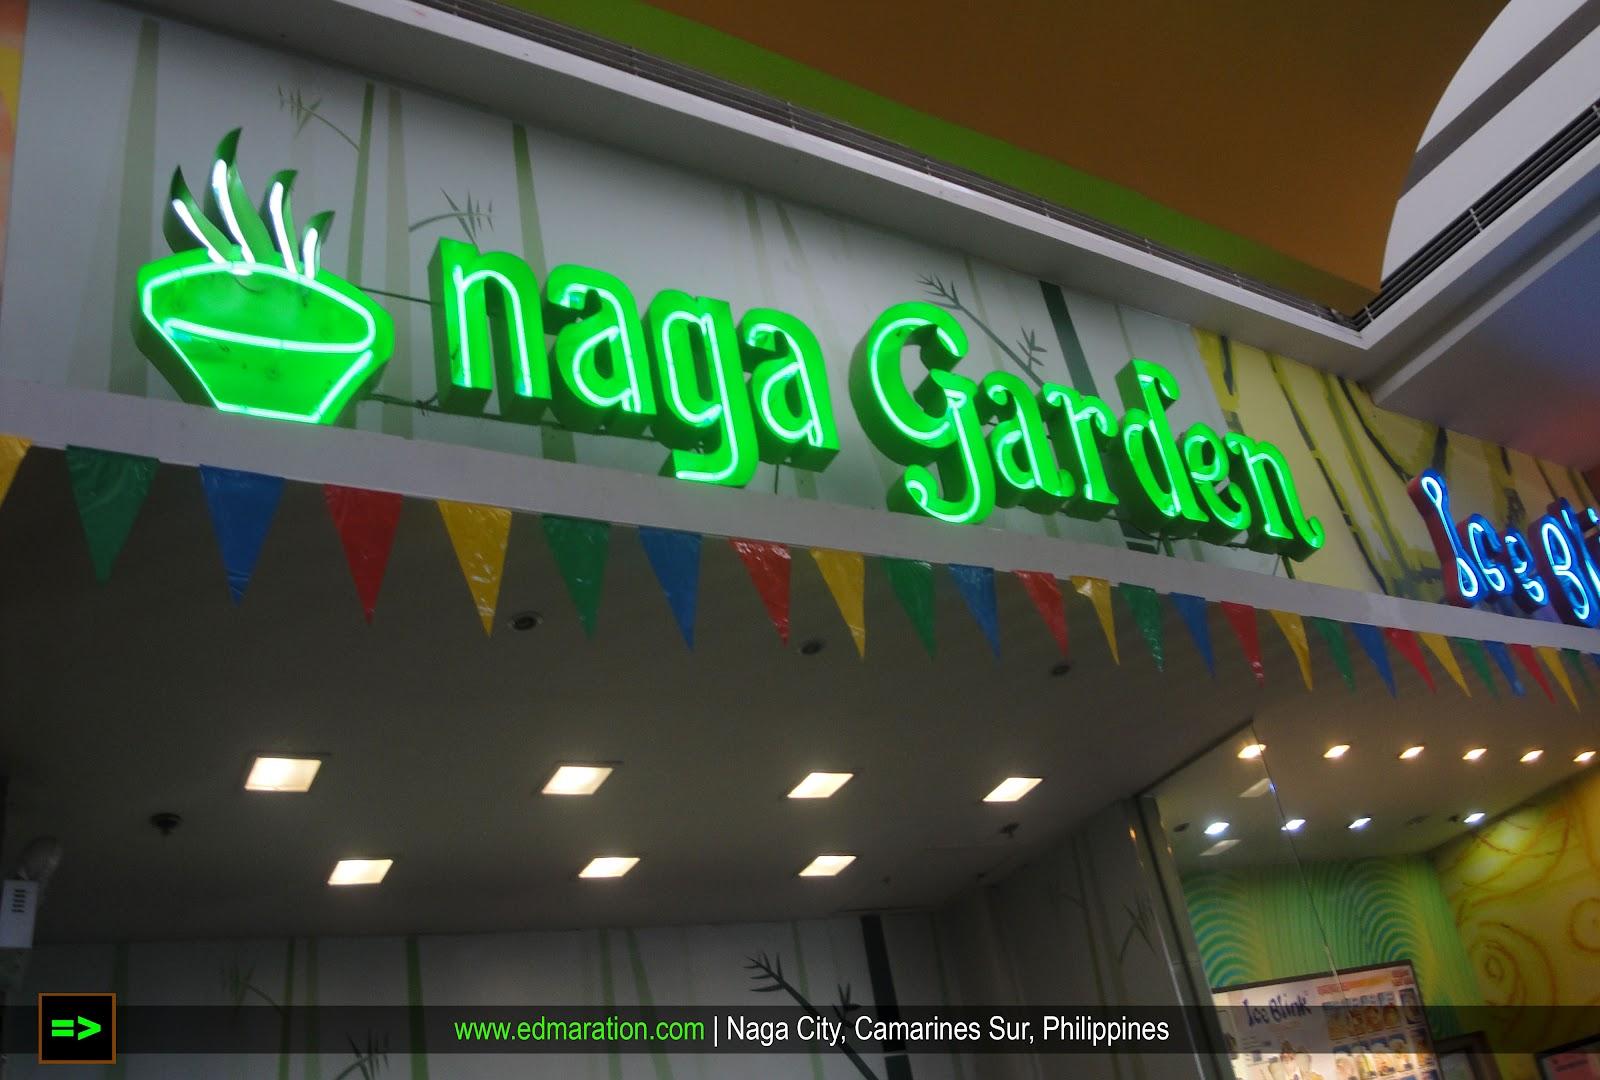 Naga Garden SM Naga